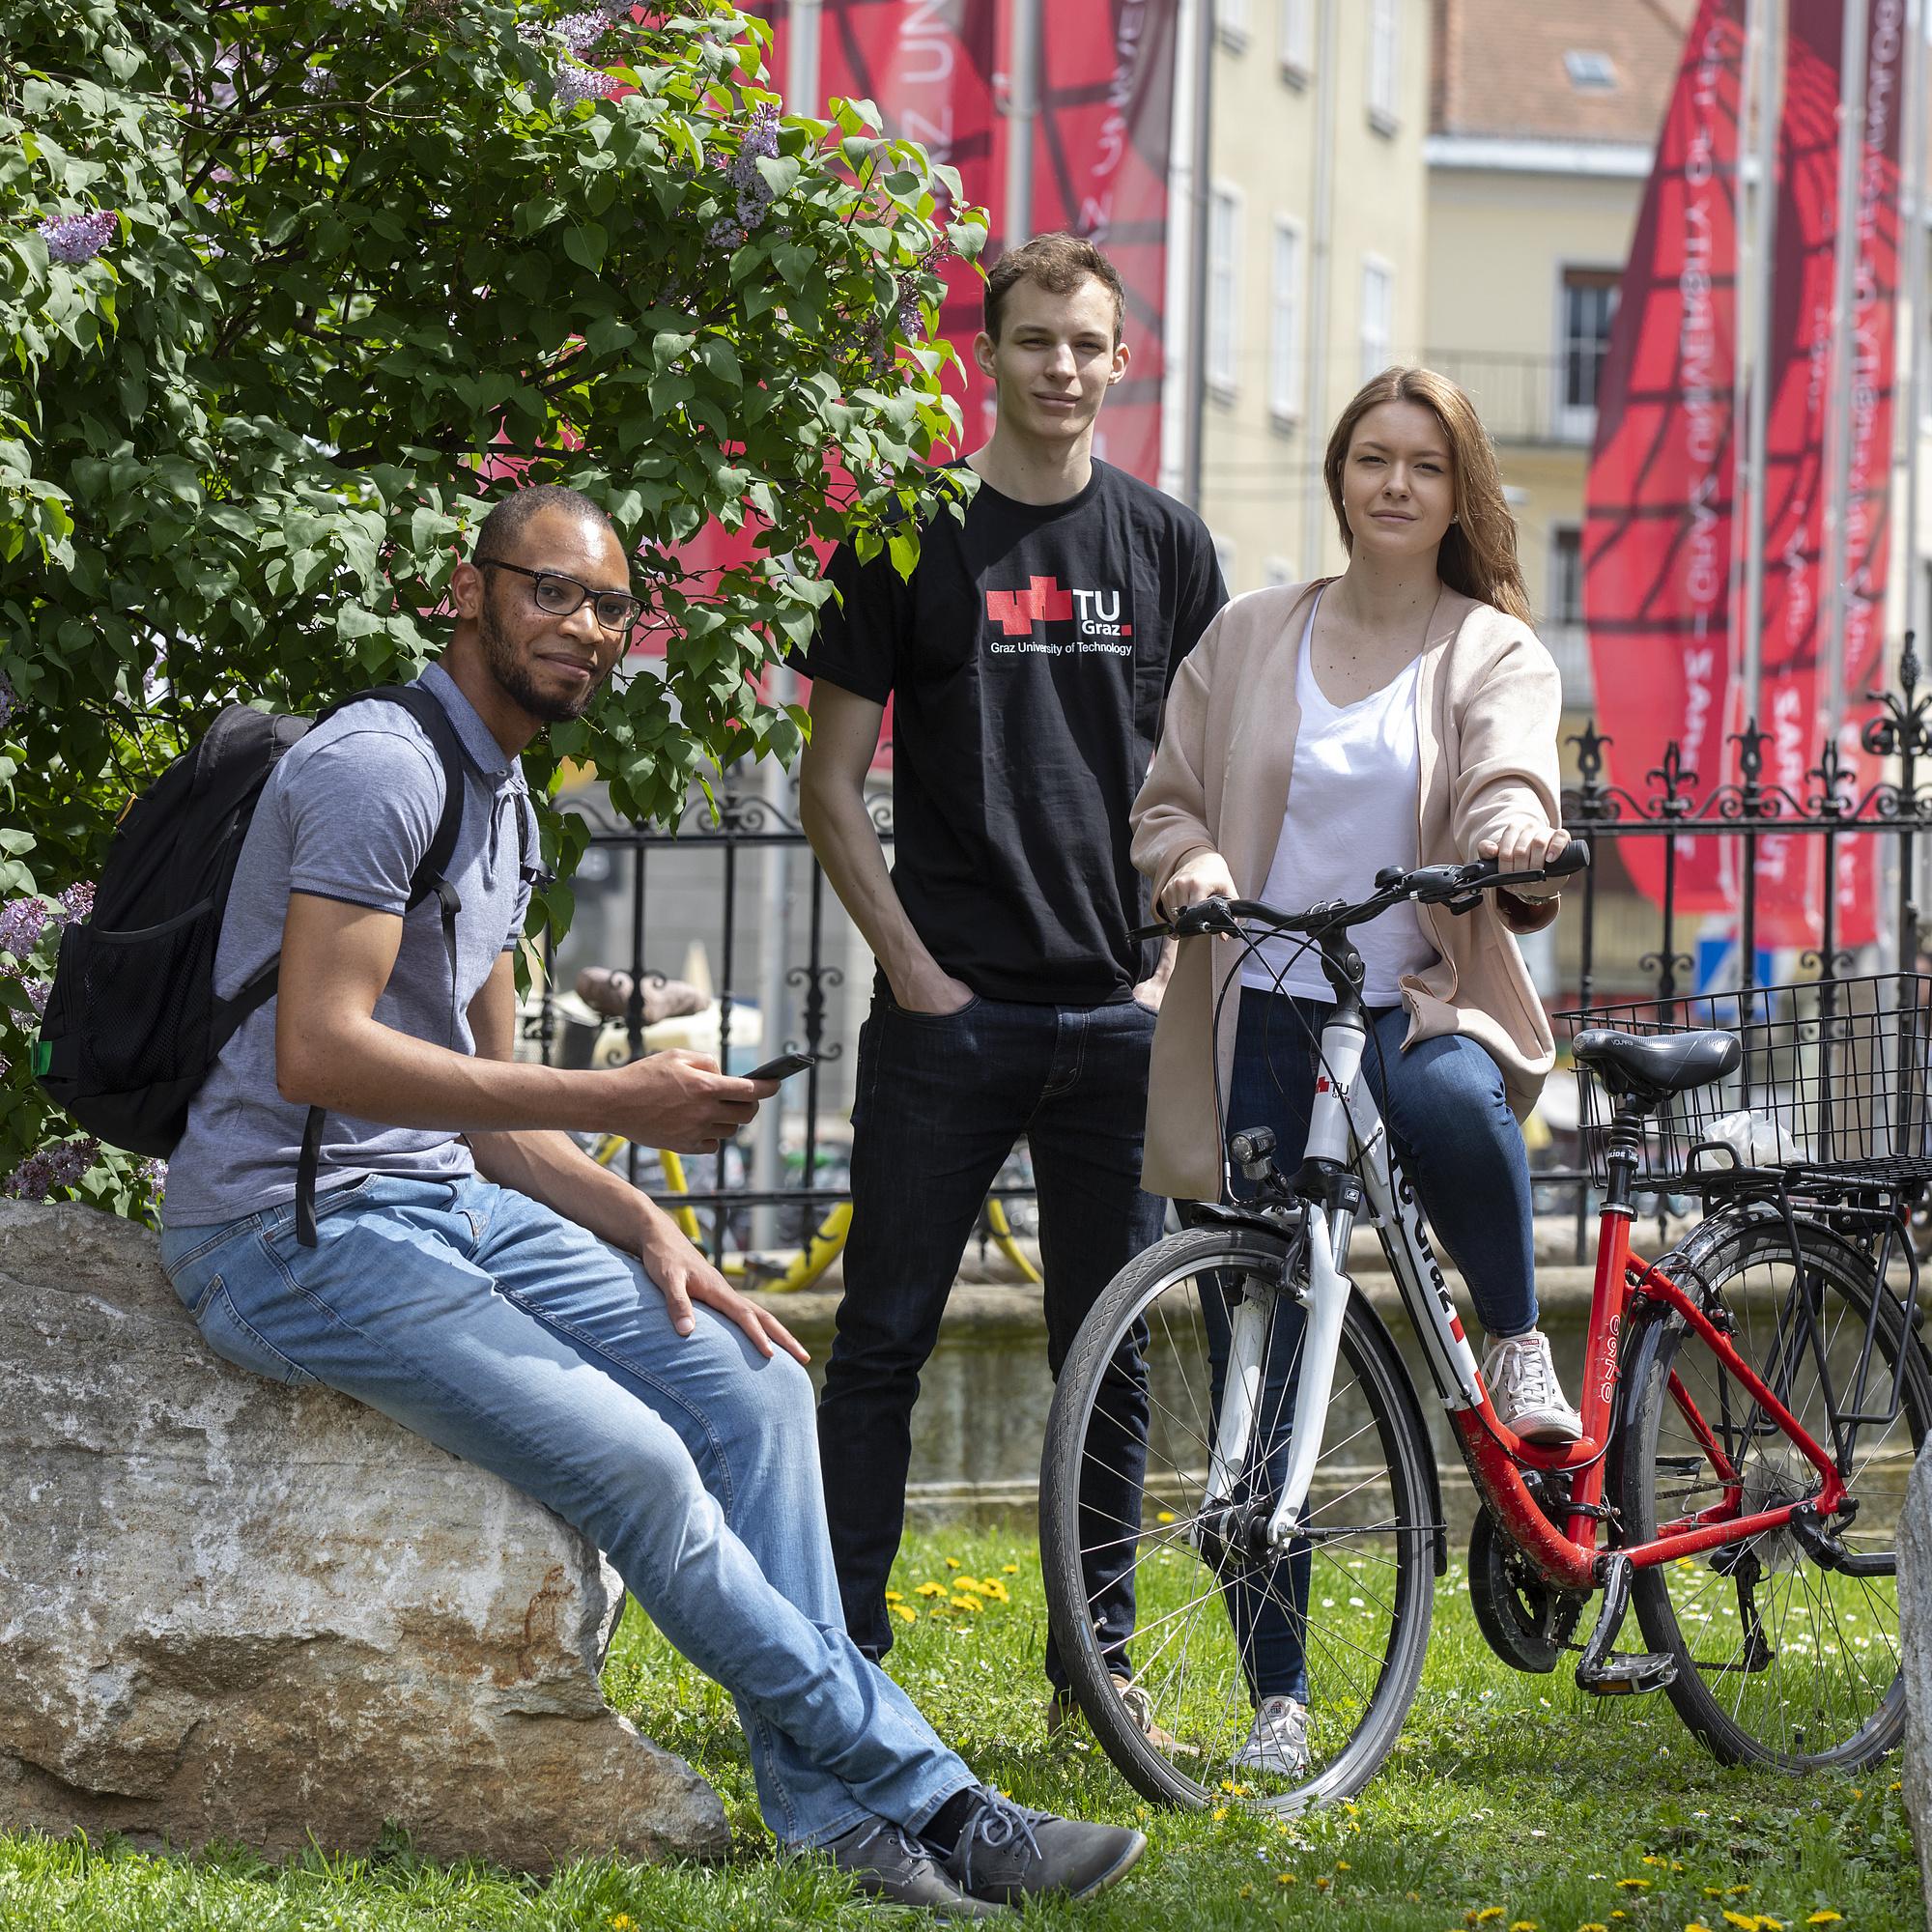 Drei junge Menschen stehen am Campus der TU Graz mit einem Fahrrad.